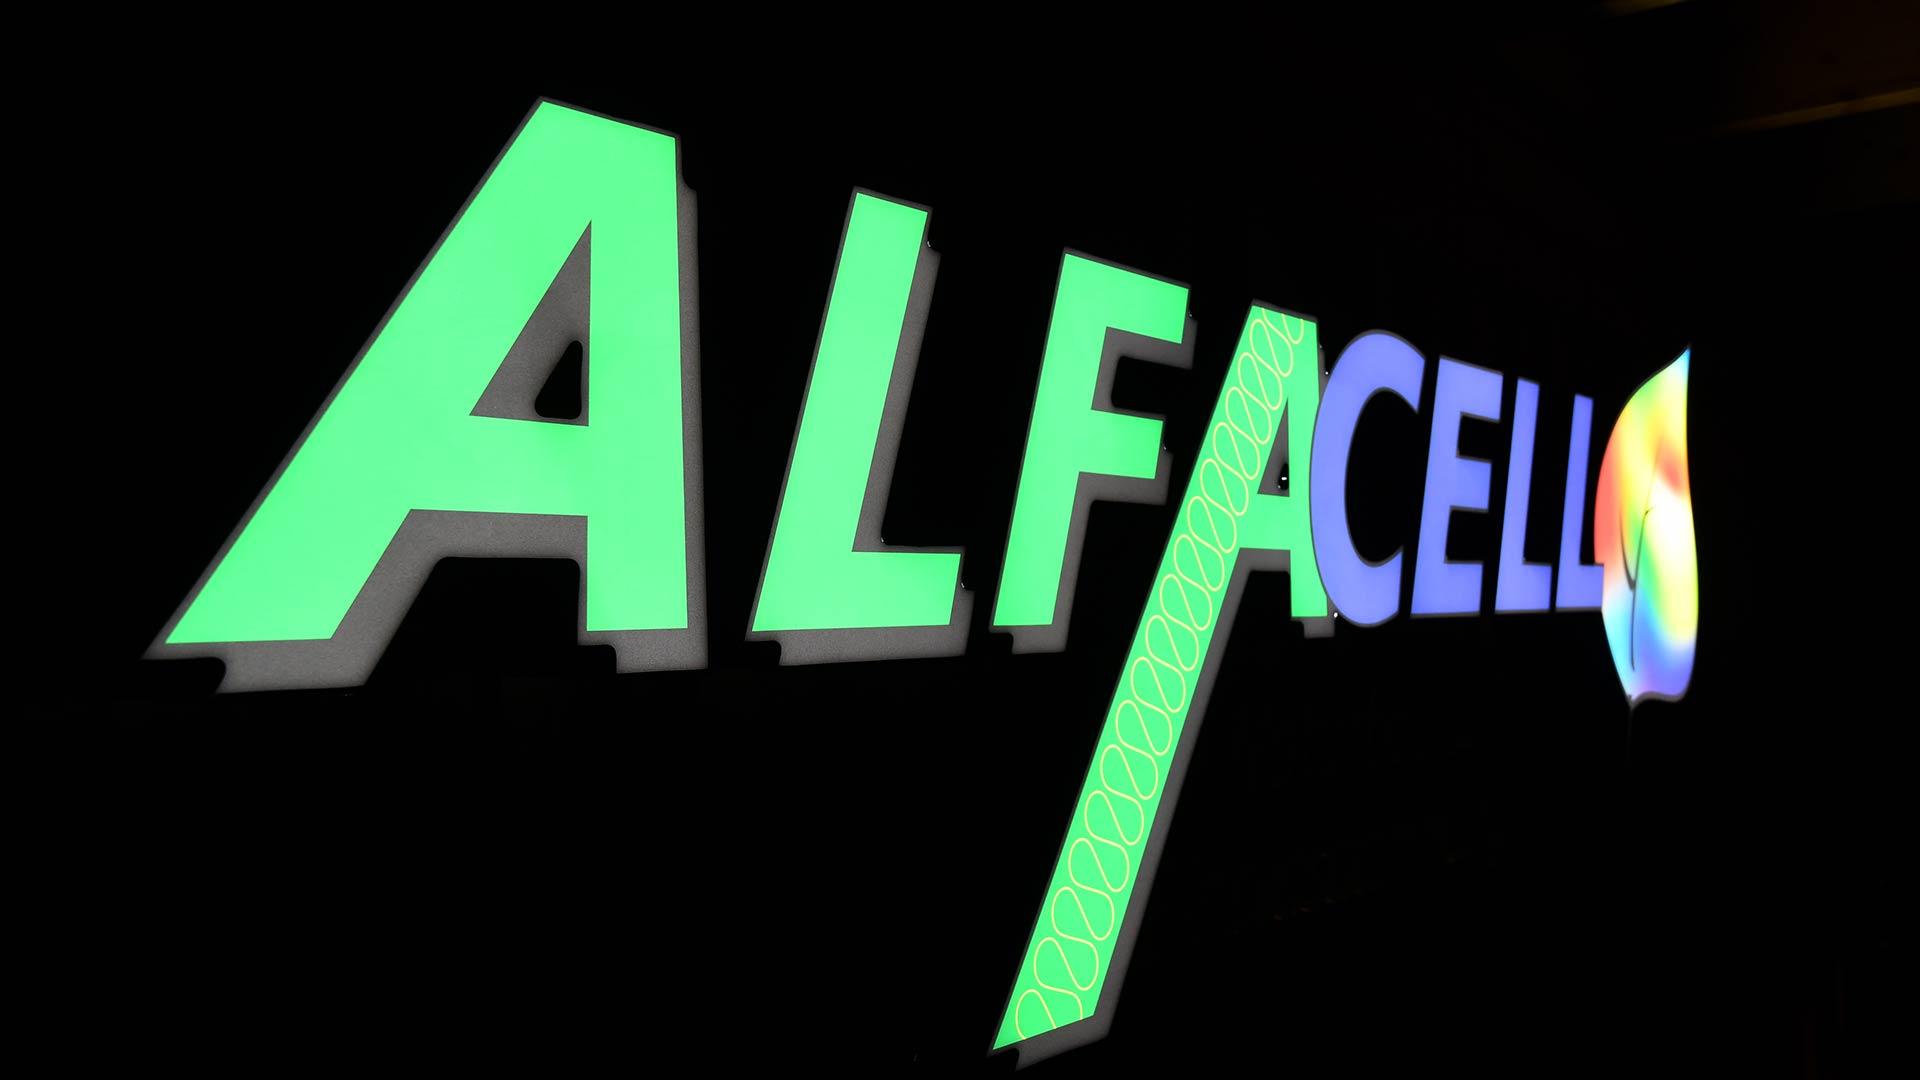 LED beleuchtetes Reklameschild, Reliefbuchstaben im Profil 5